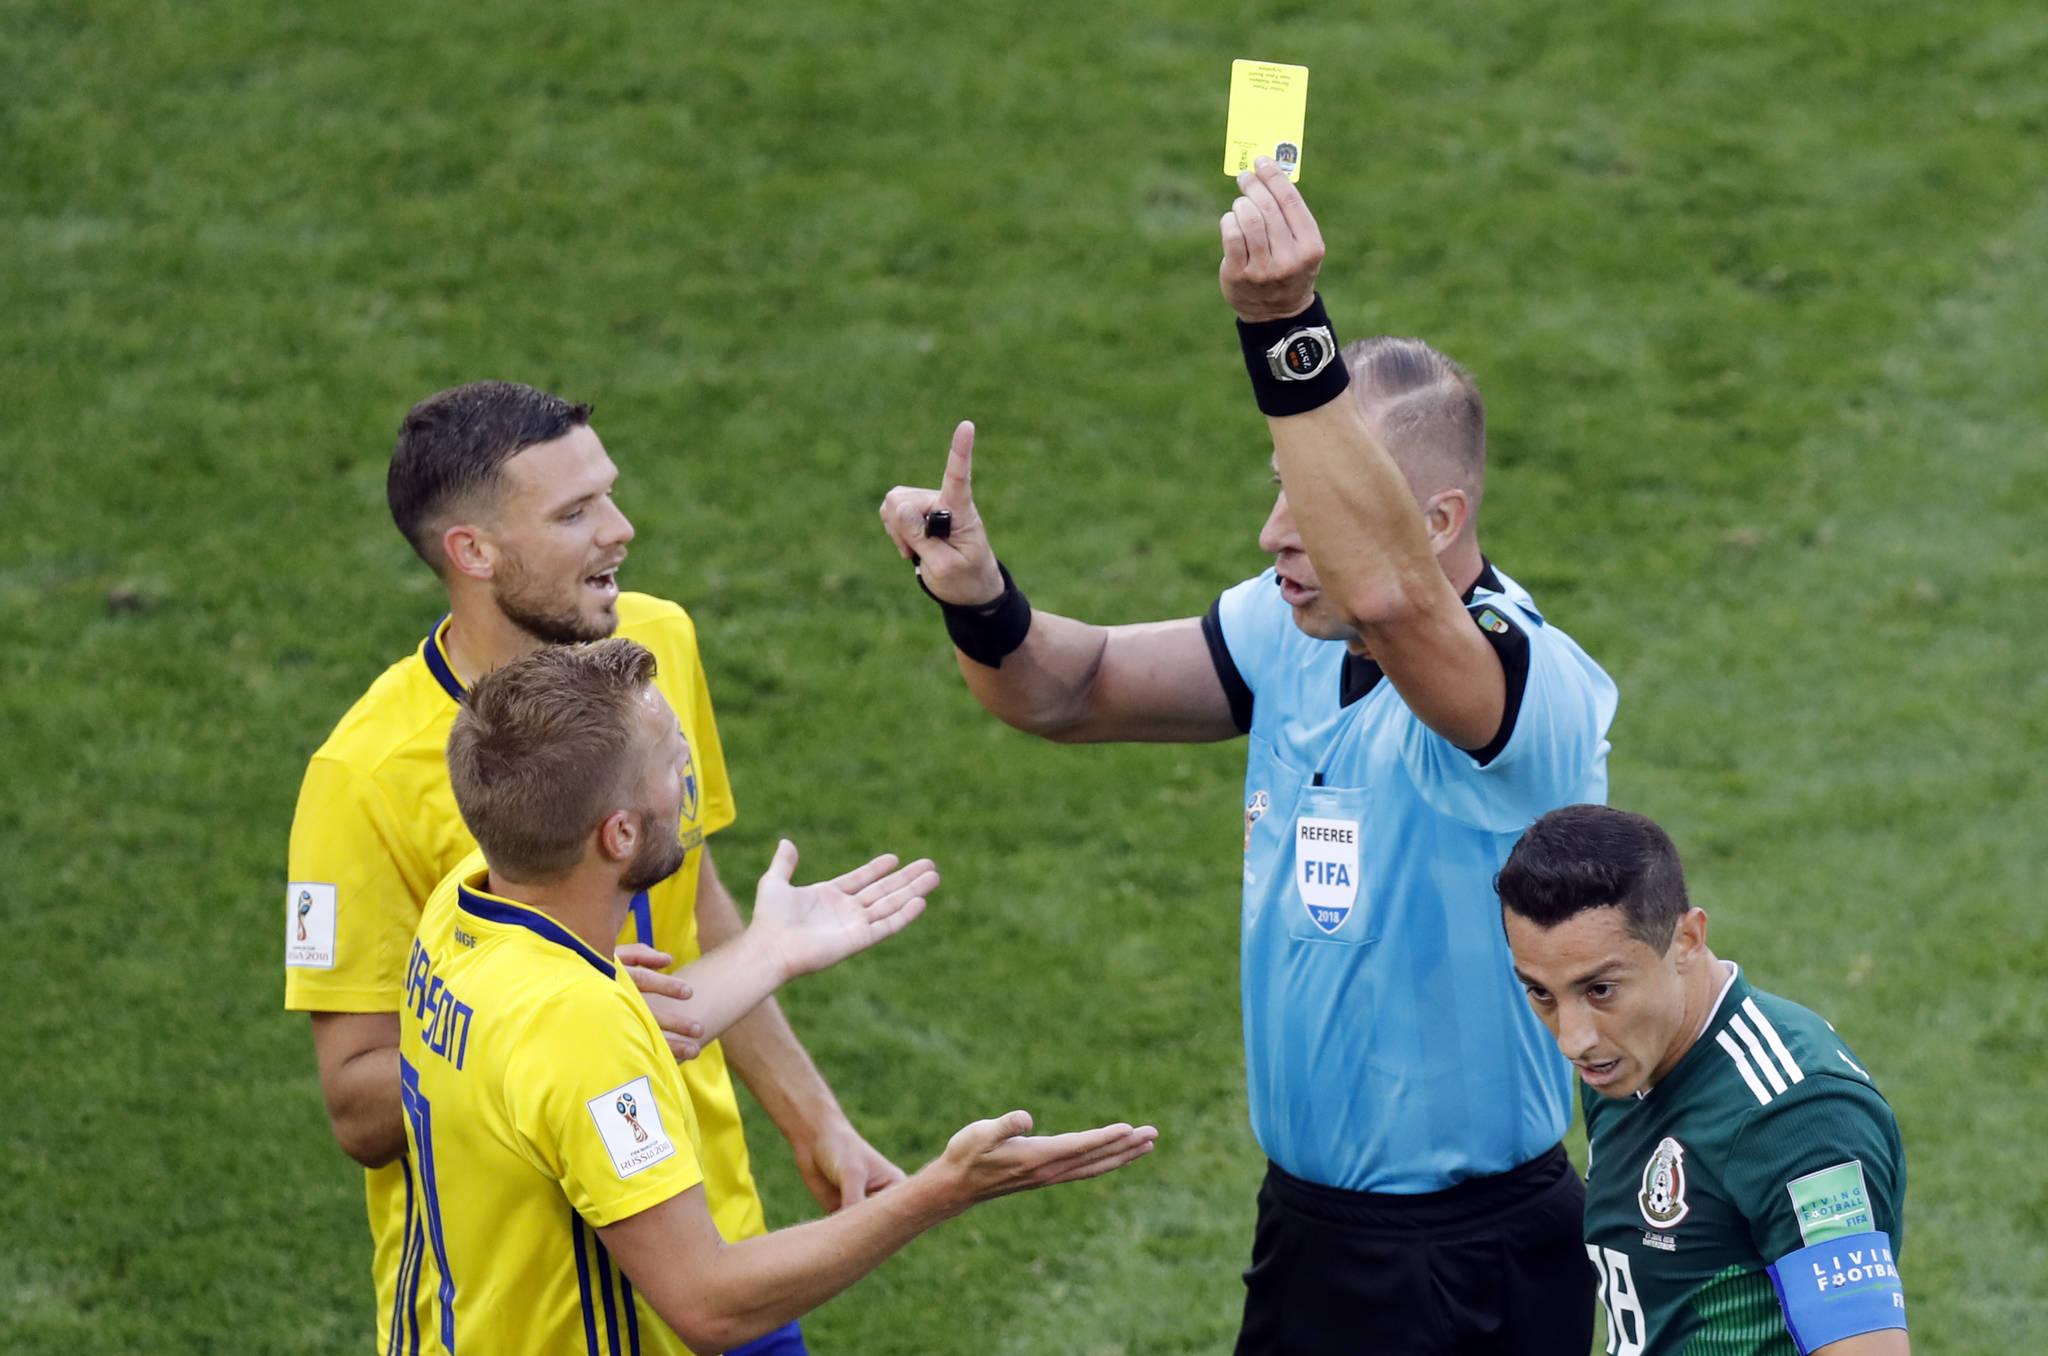 스웨덴 선수에게 엘로 카드를 주고 있는 피타나 주심 [AP 연합]